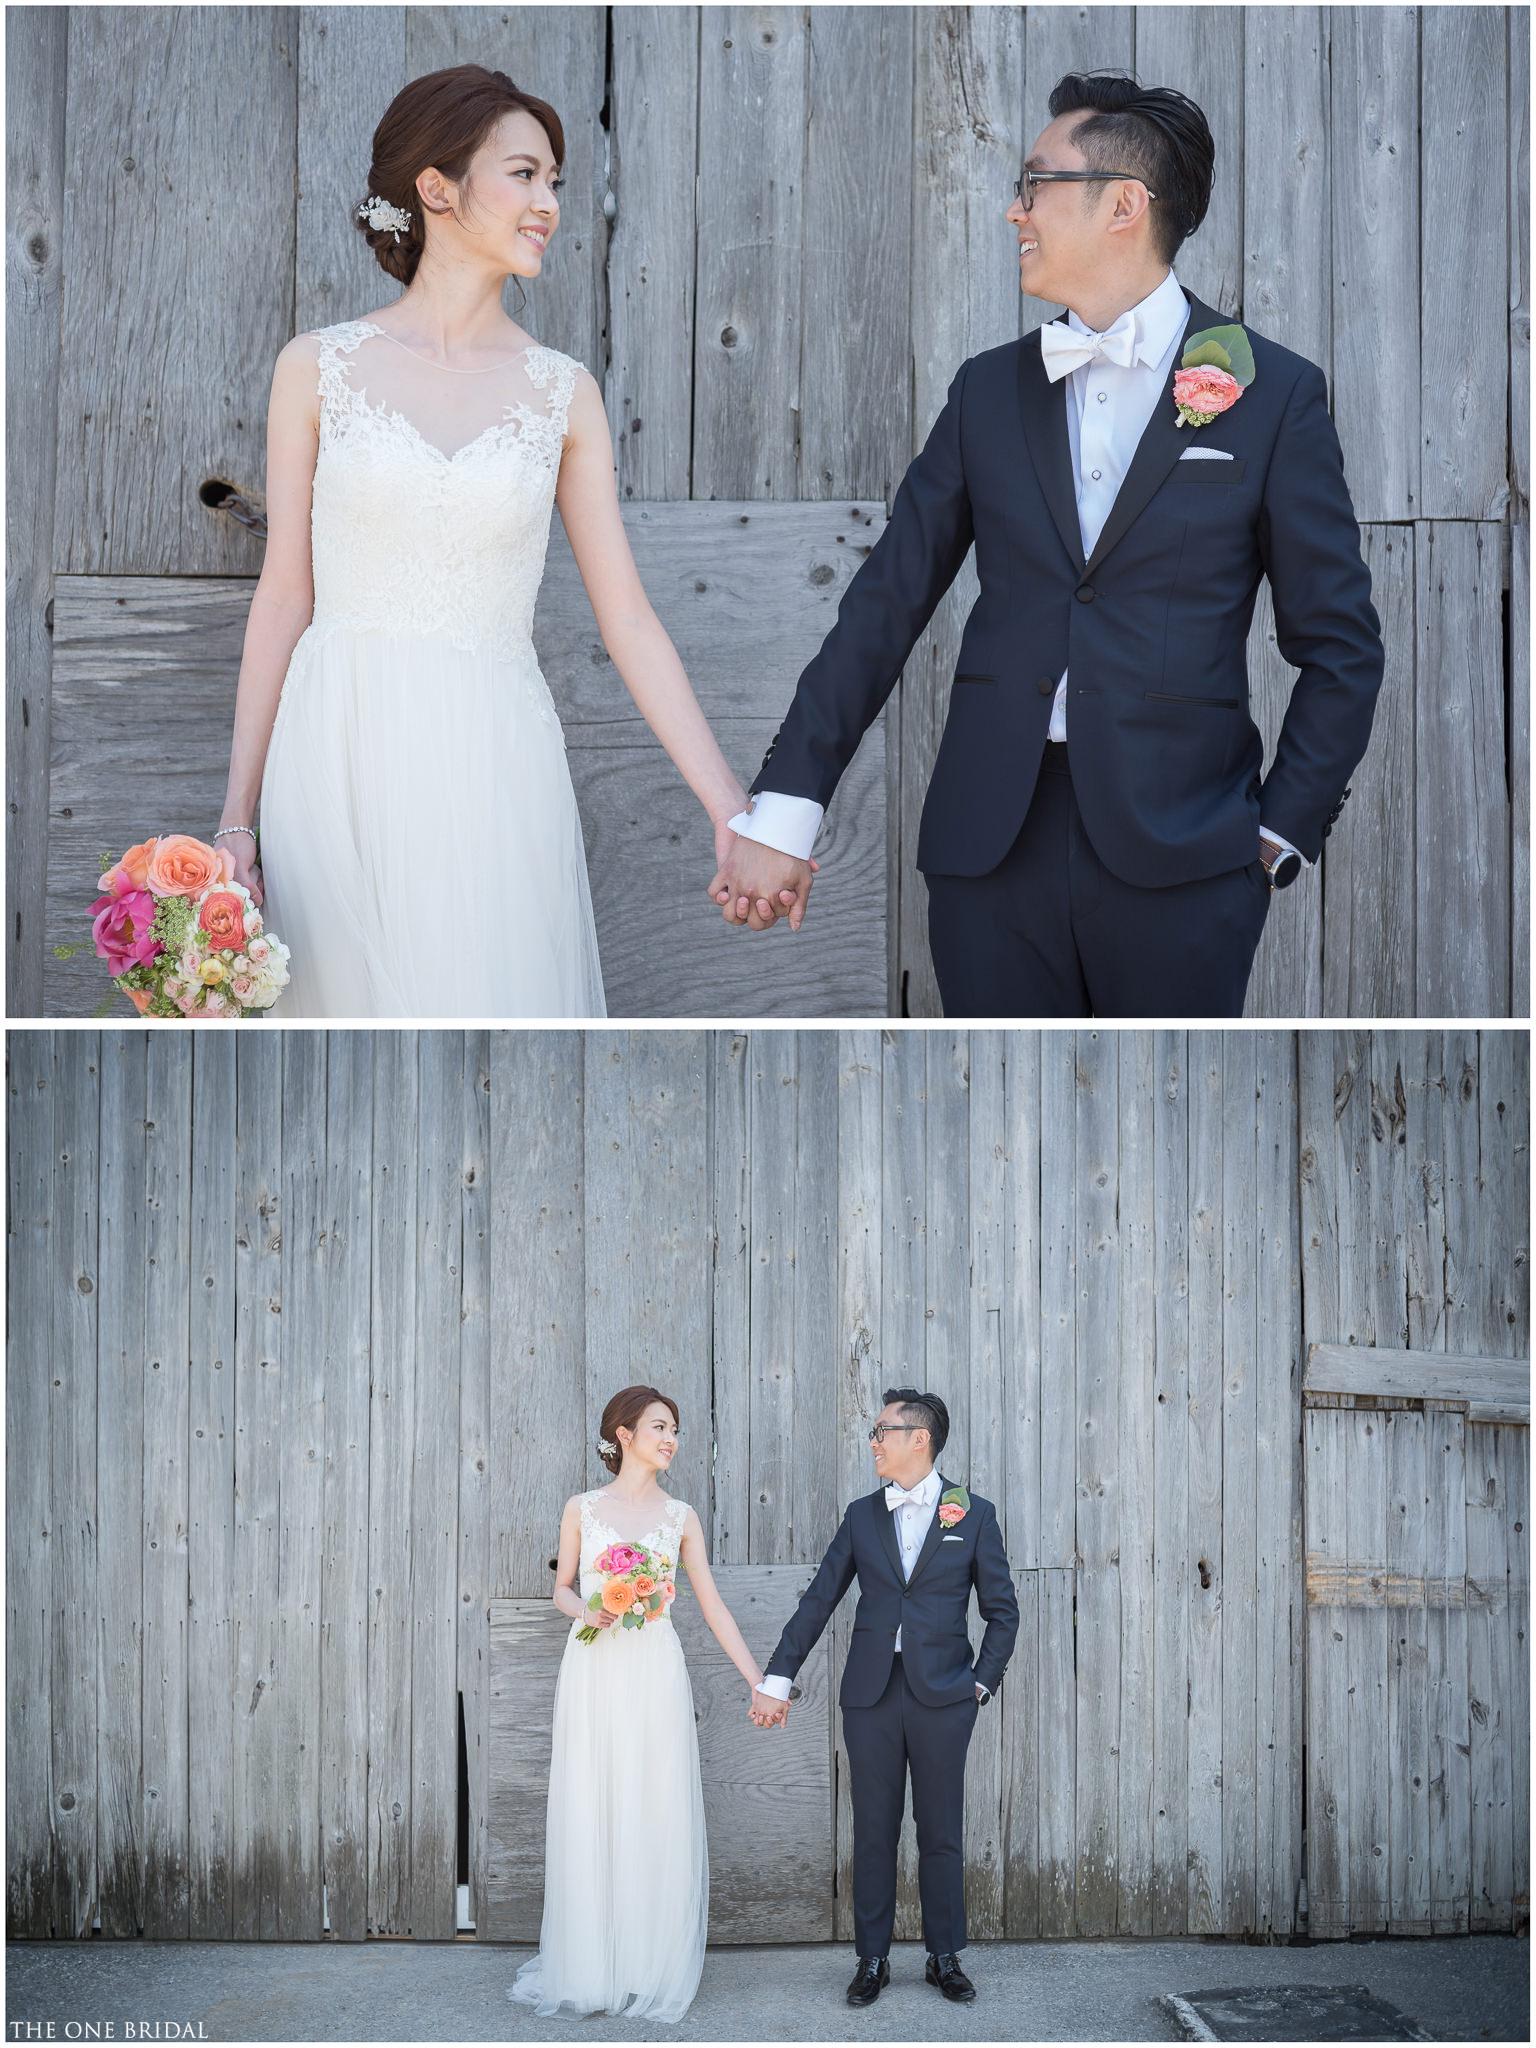 mandarin-golf-club-wedding-markham-the-one-bridal-005